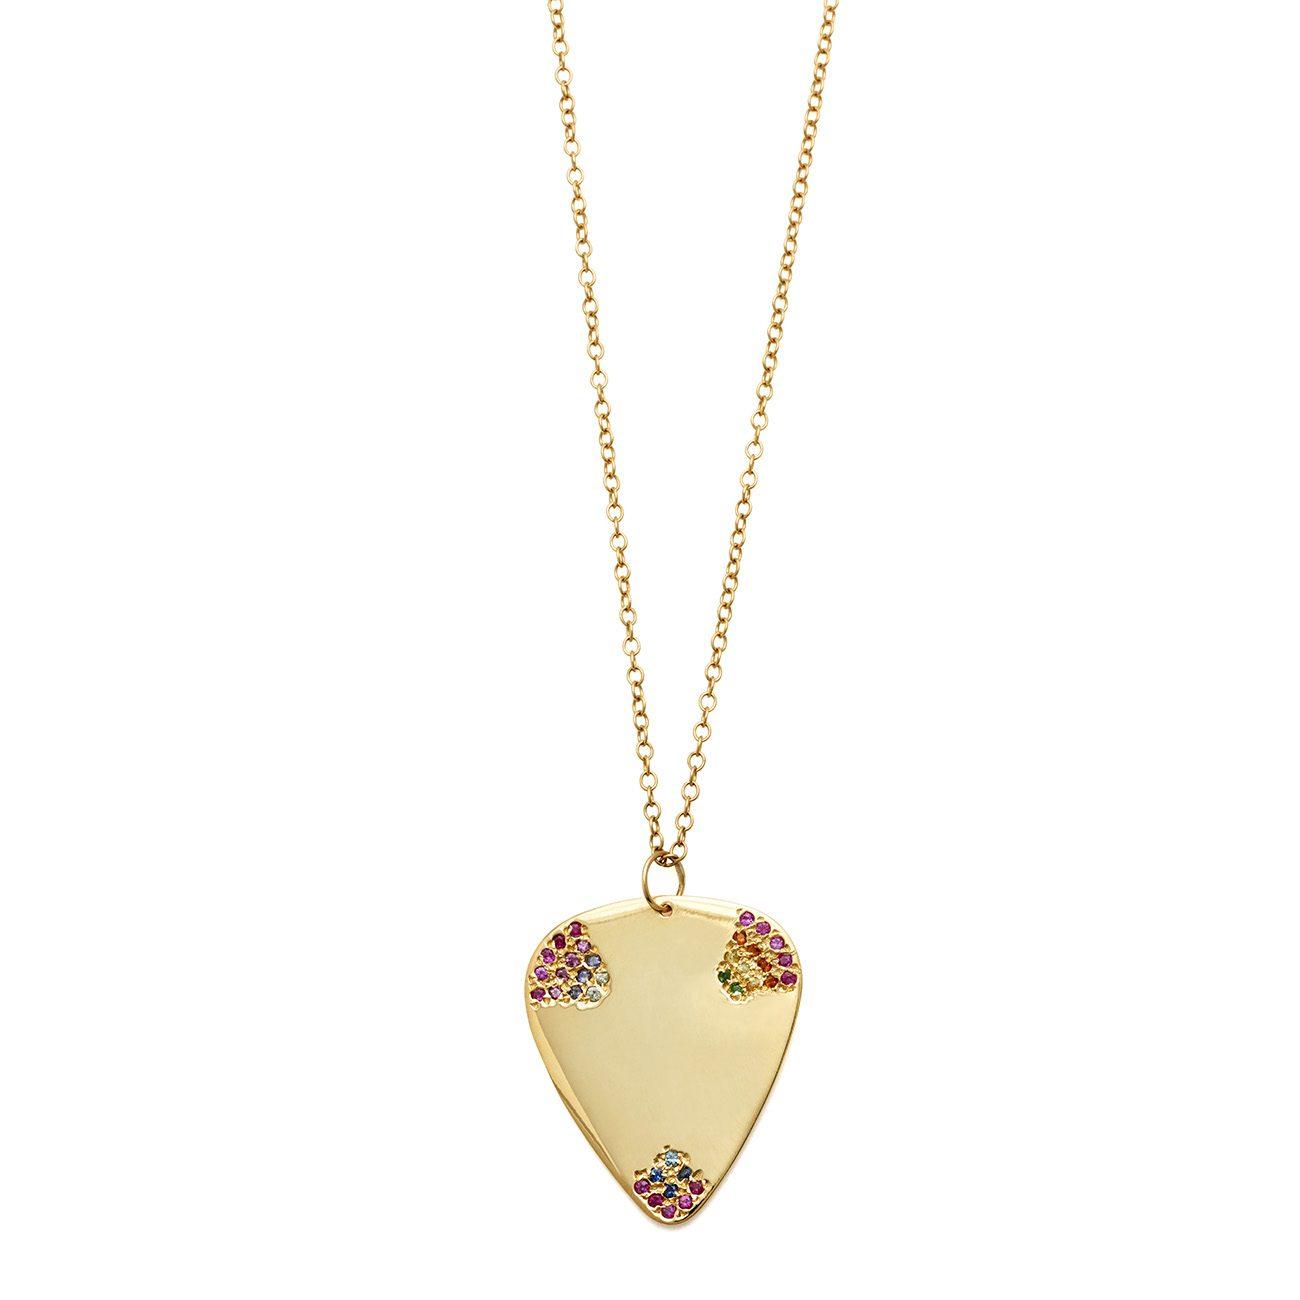 Multicolor guitar pick necklace elisa solomon jewelry yellow gold multicolor guitar pick necklace mozeypictures Choice Image